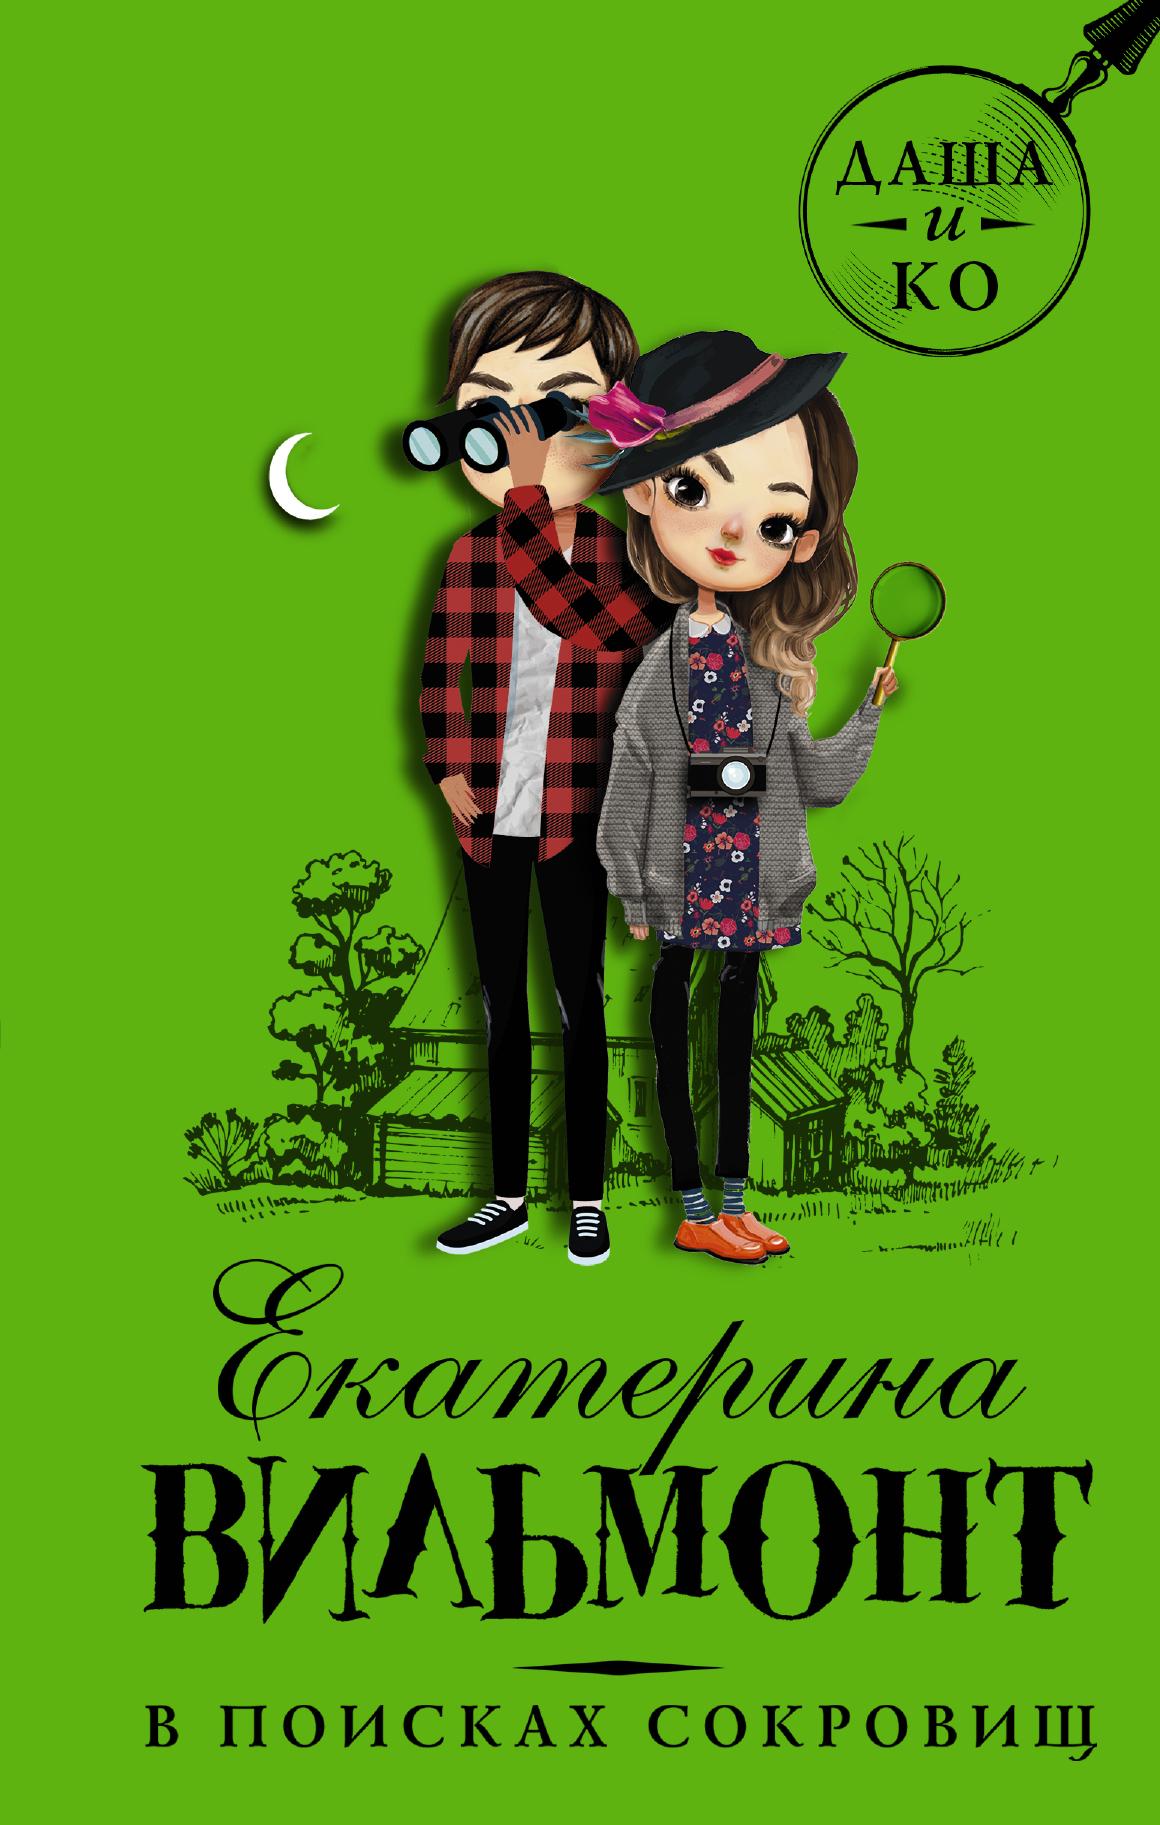 Обложка книги В поисках сокровищ, автор Екатерина Вильмонт